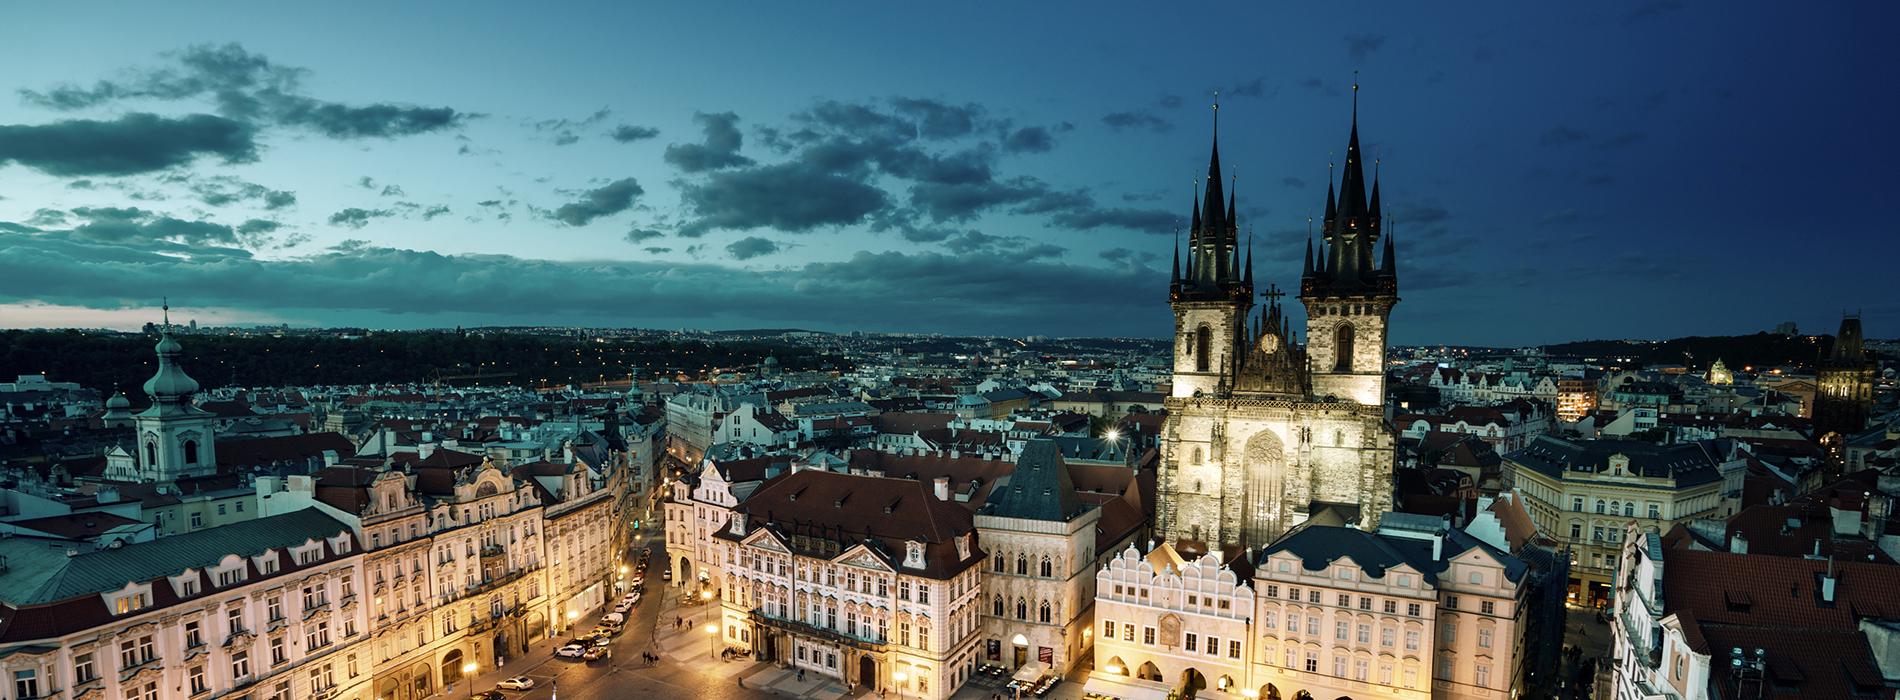 Авиабилеты Иркутск — Прага, купить билеты на самолет туда и обратно, цены и расписание рейсов